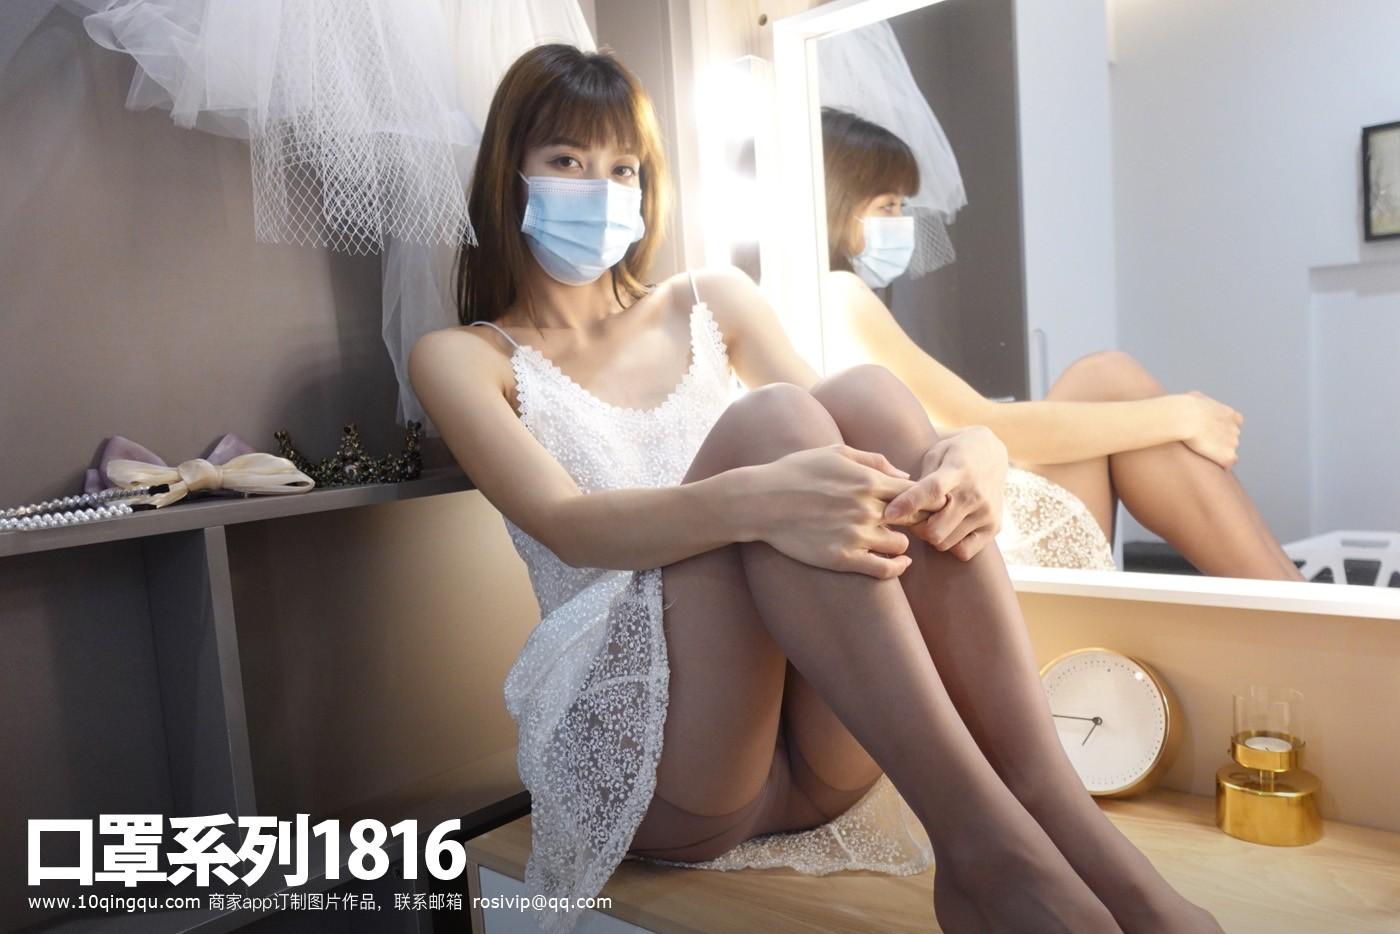 口罩系列1816套装 衣服+丝袜